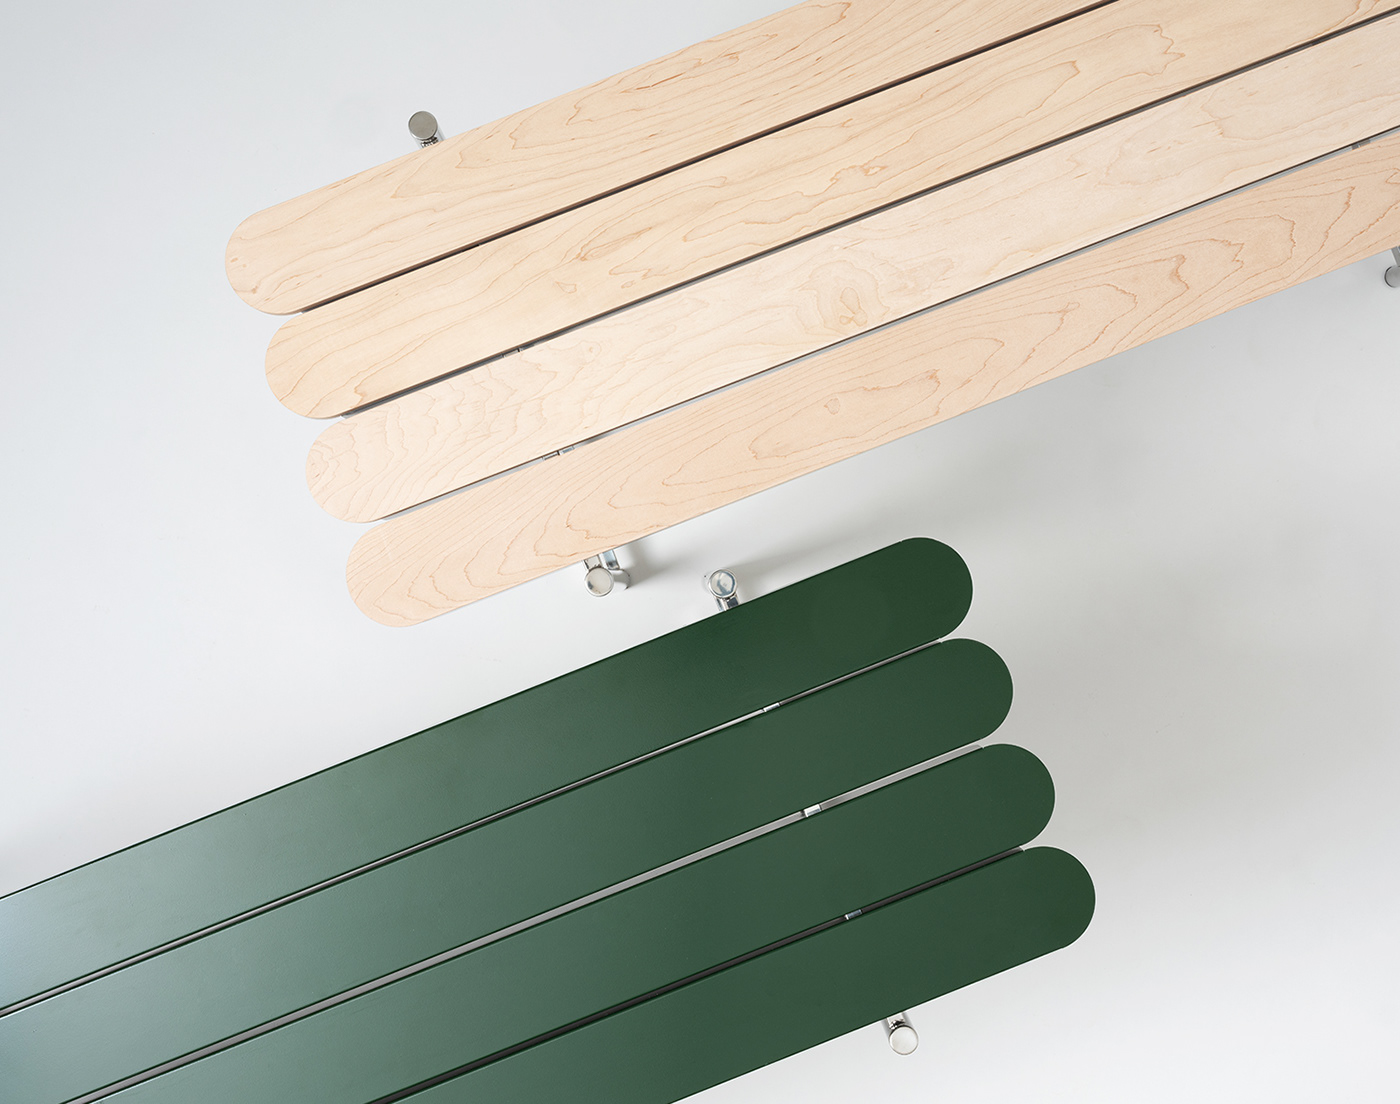 assembly furniture desk furniture modular furniture Shelf Vienna Series